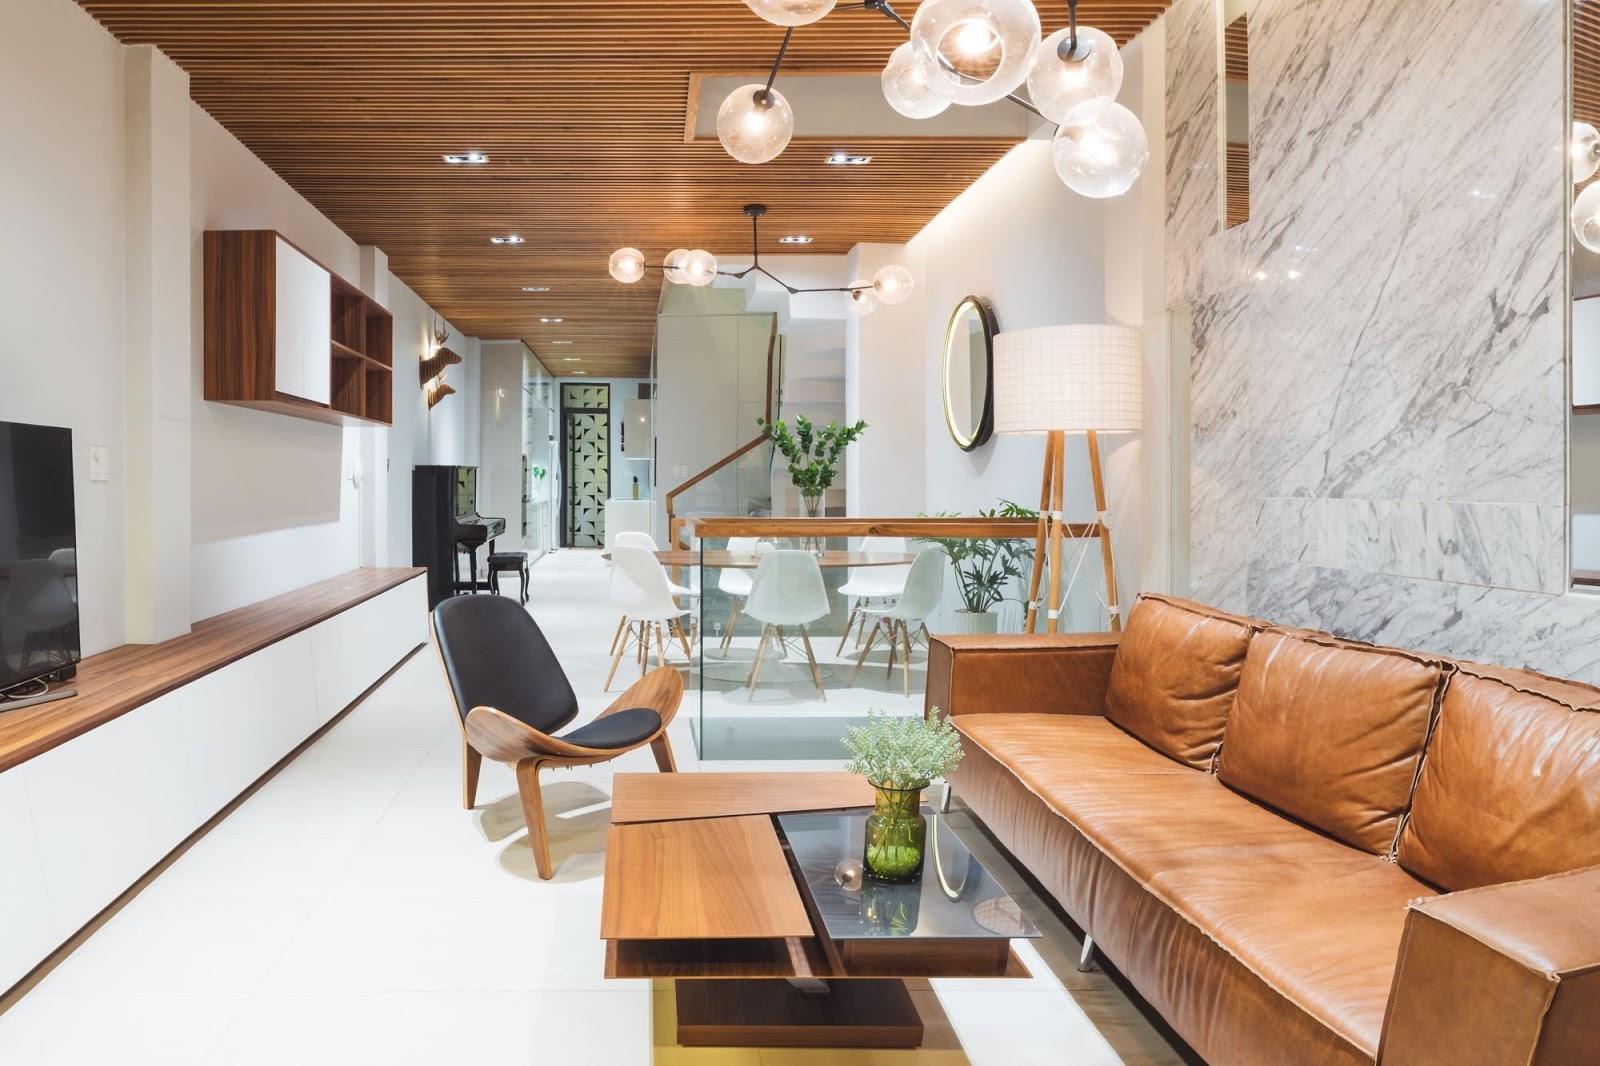 Phòng khách nhà ống sử dụng gỗ công nghiệp làm nội thất chính